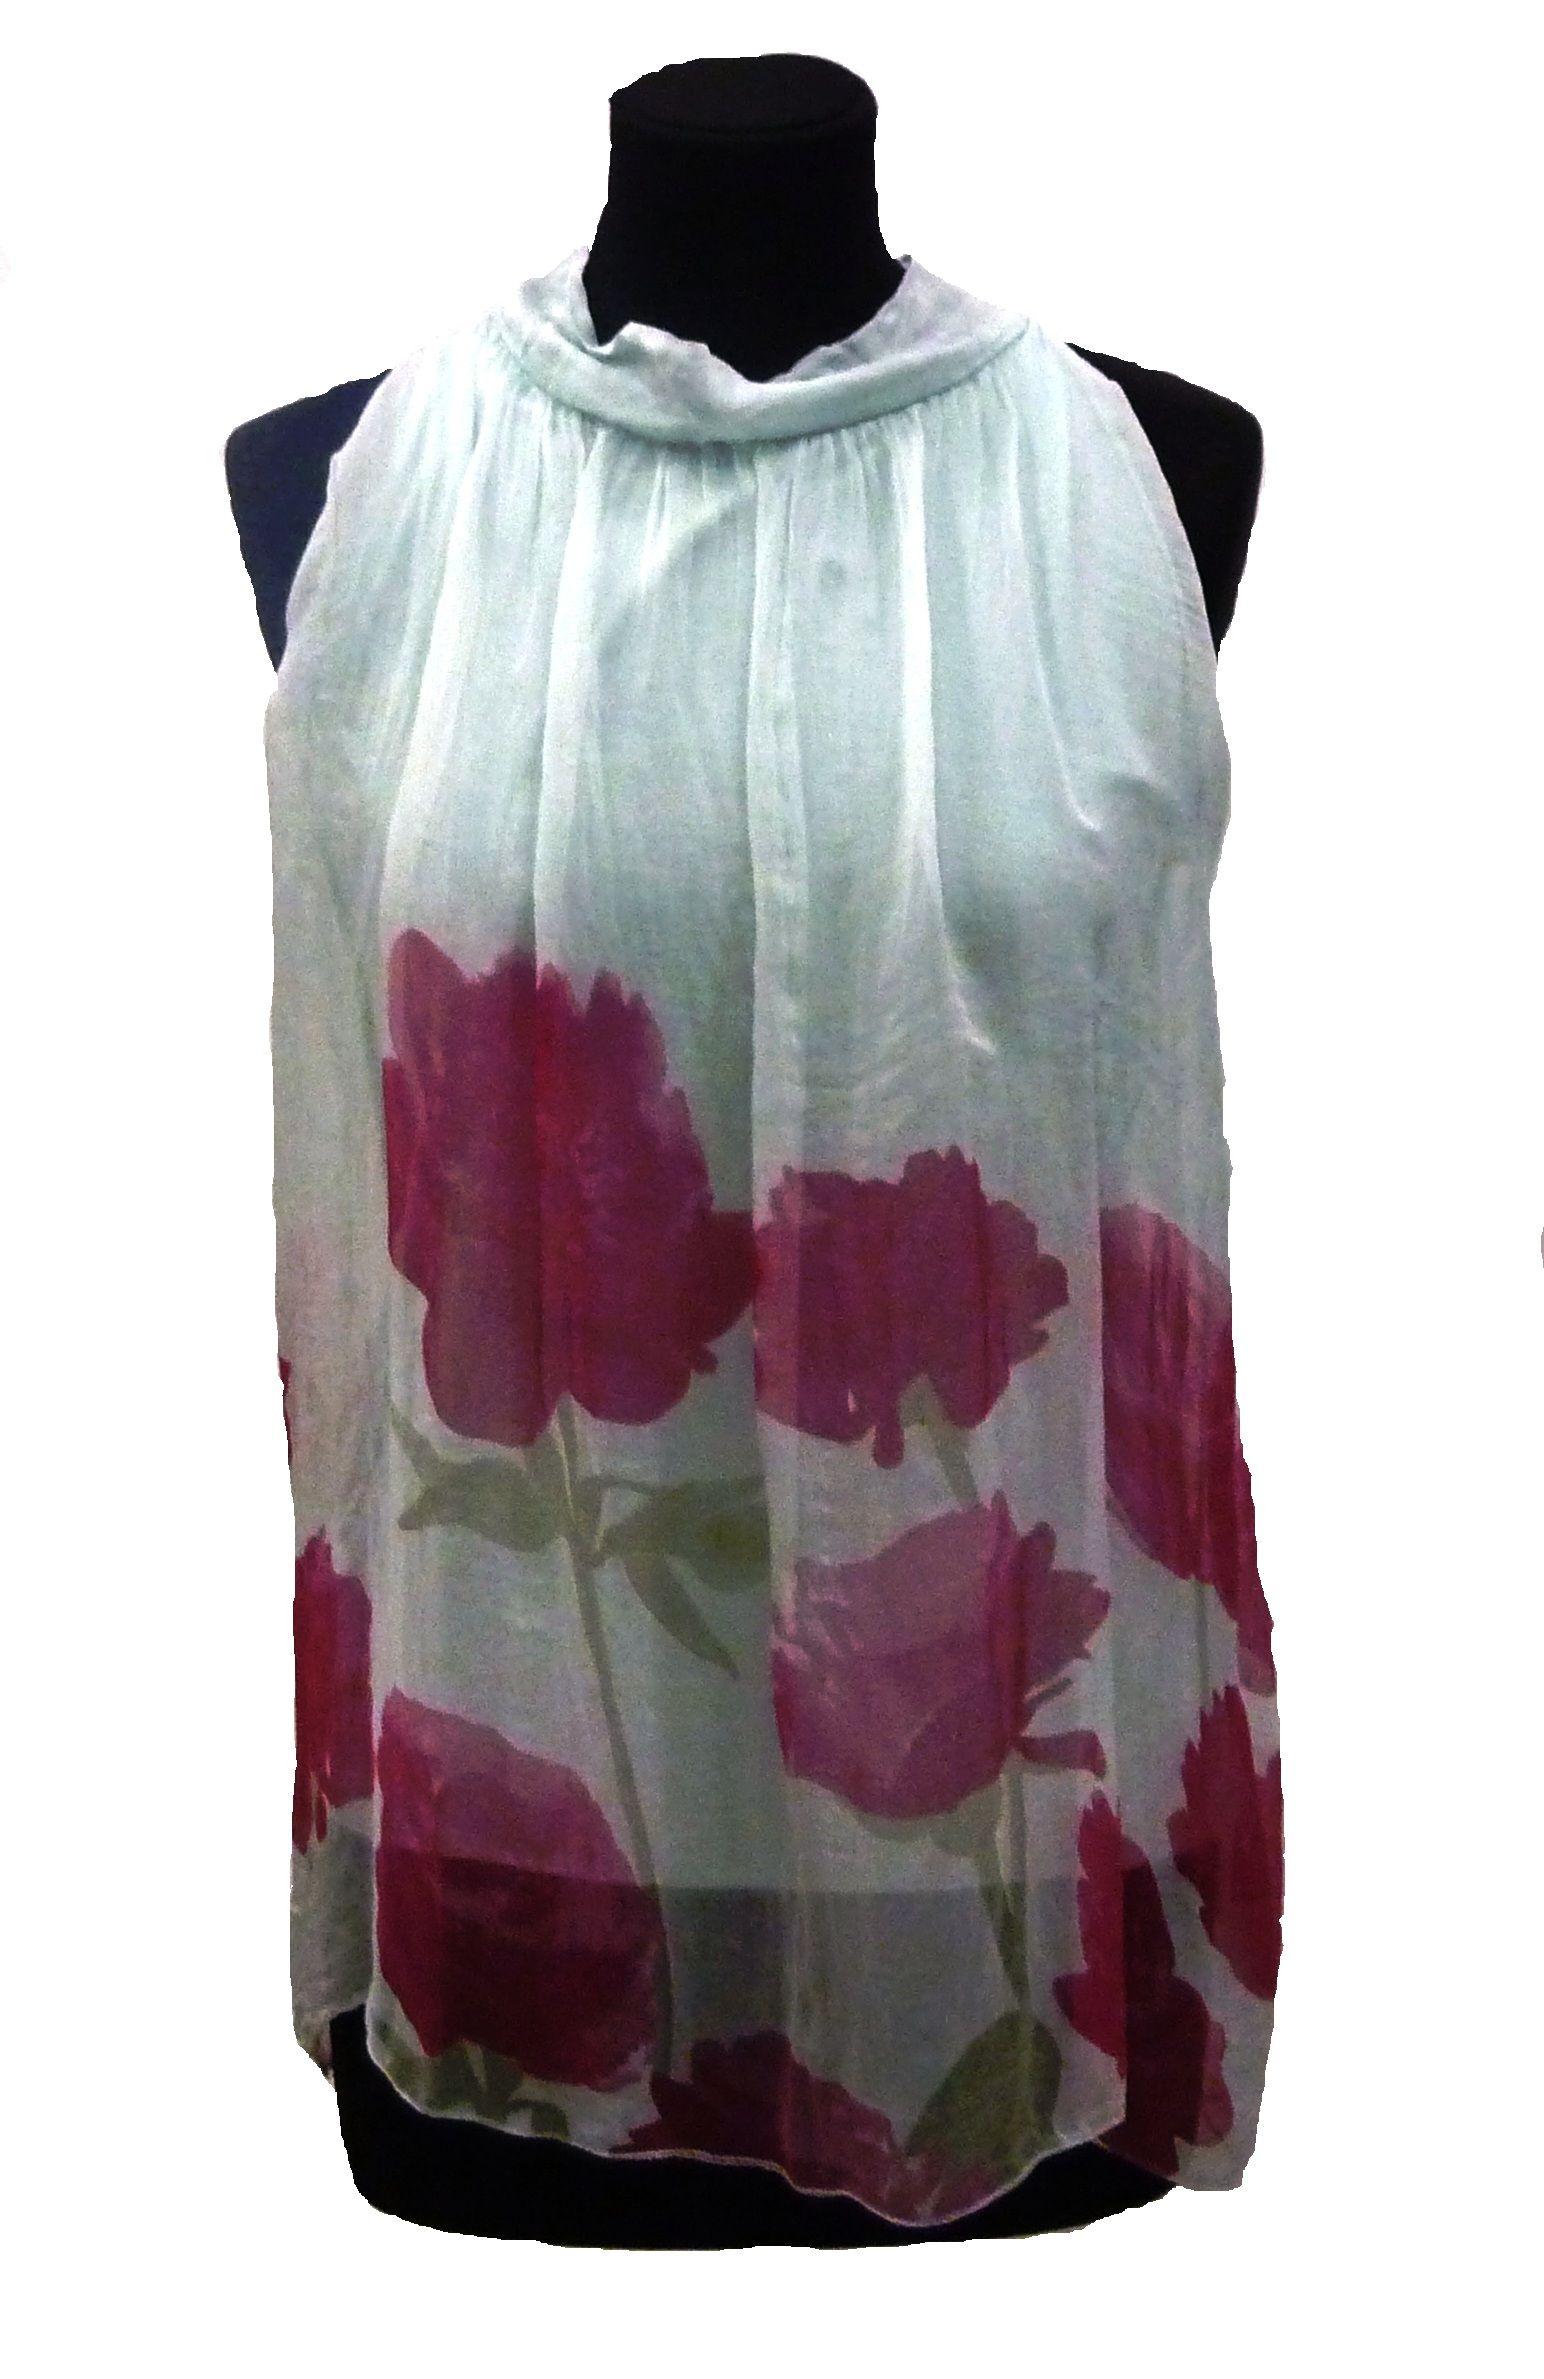 Alegre top al cuello, en menta y flores rosas. Disponible